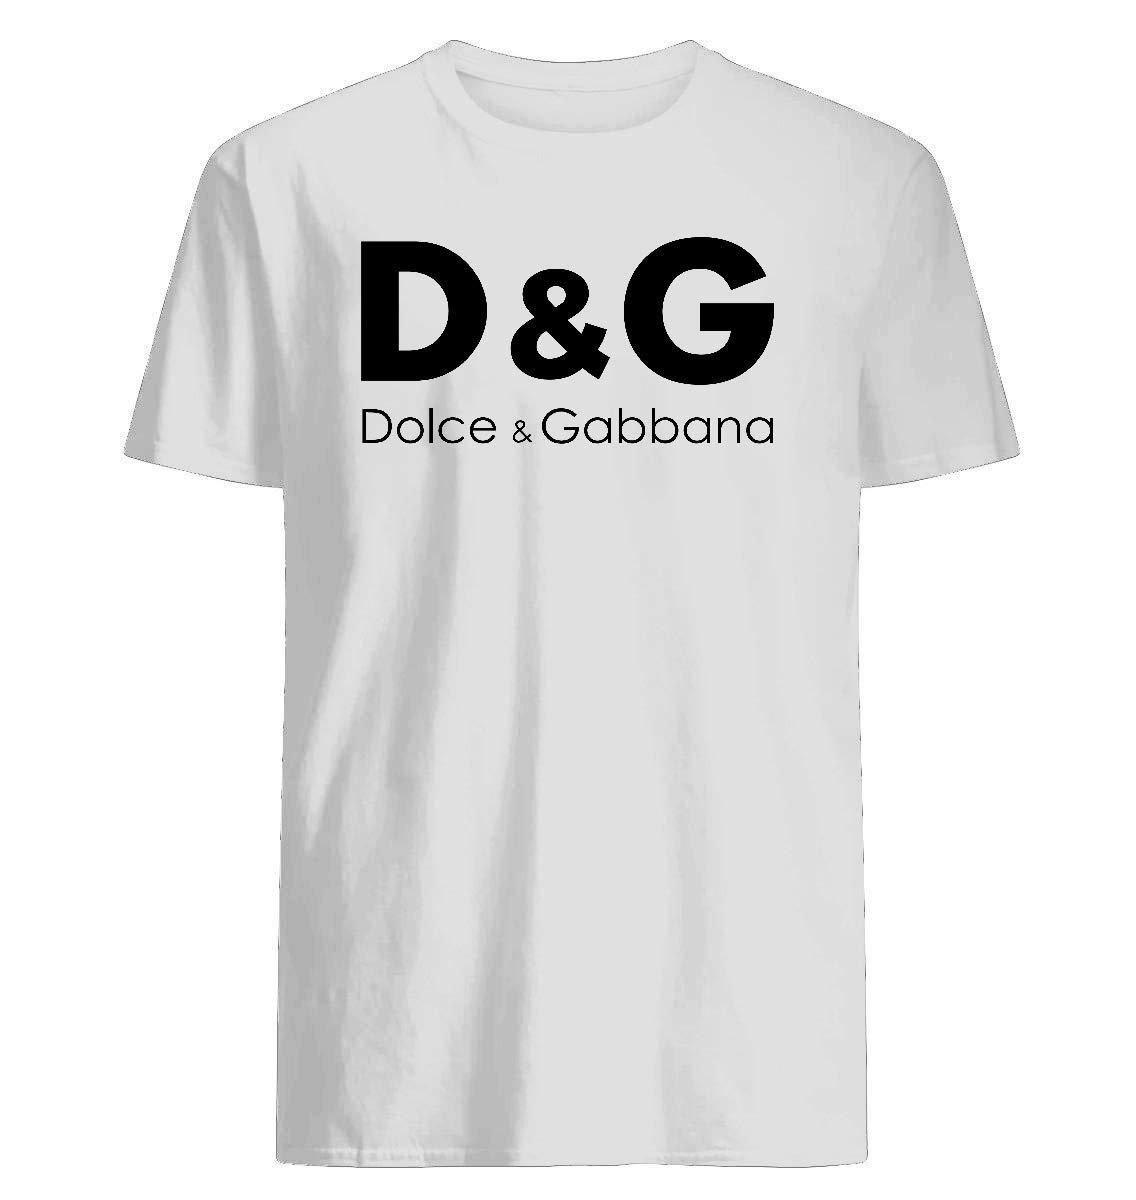 dolce and gabbana t shirt